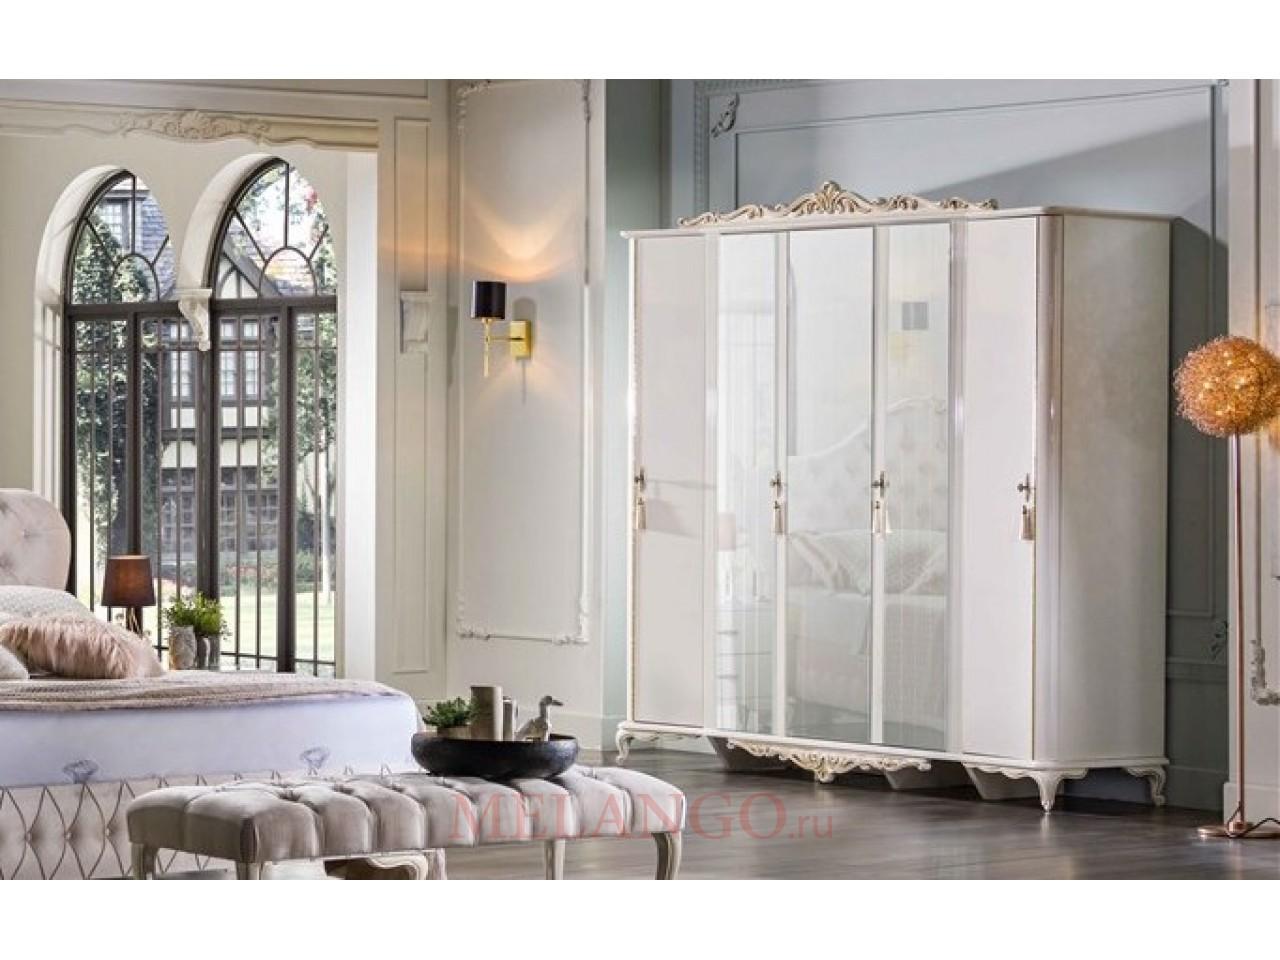 Пятистворчатый распашной шкаф для одежды и белья с зеркалом в спальню Мариана MARI-33